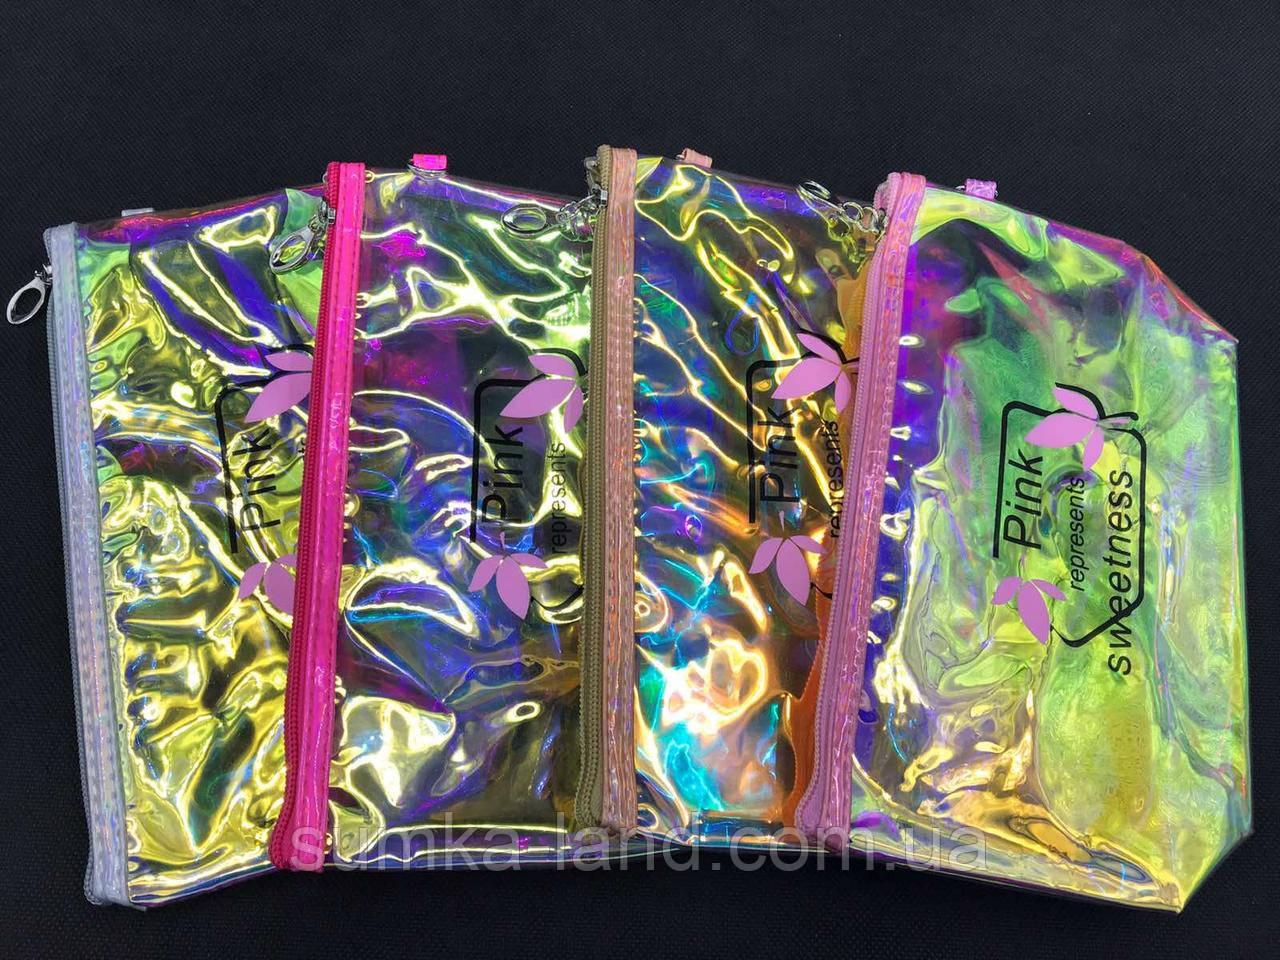 Жіночі блискучі косметички на блискавці Pink хамелеон 13*23,5*4 см